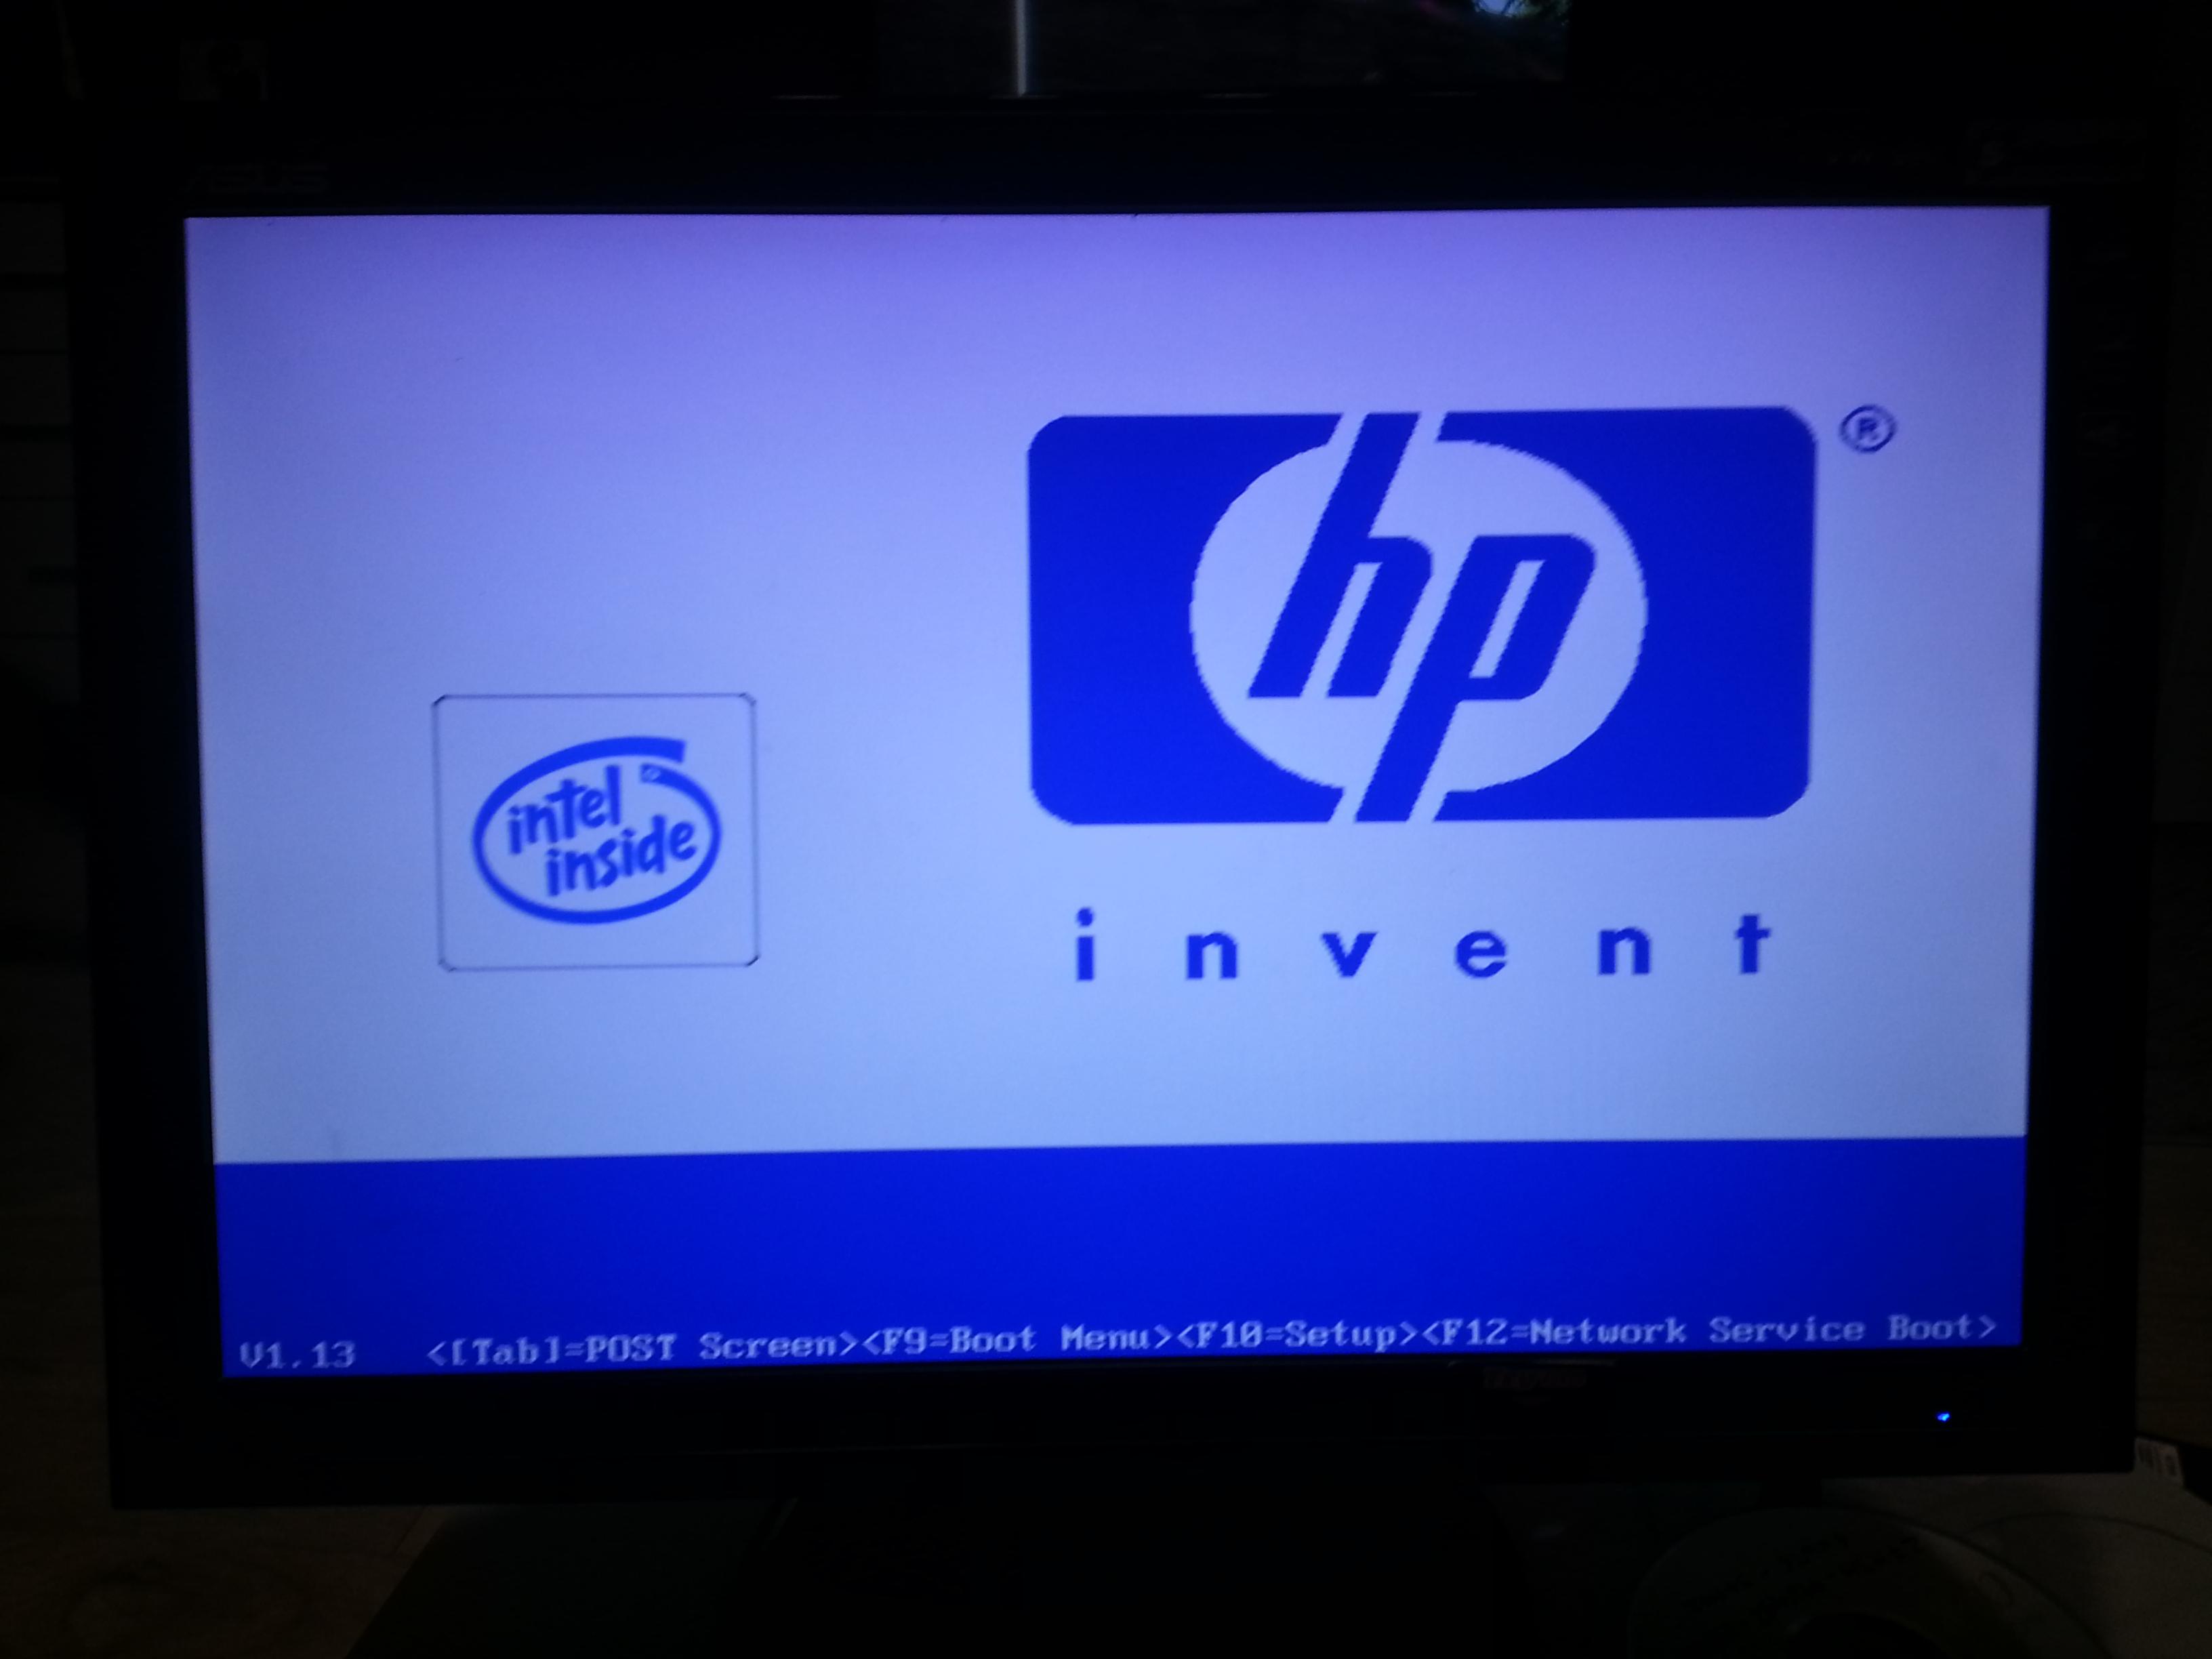 HP Compaq dx2000 MT, Windows XP Professional - nie pasuje klucz z naklejki CoA